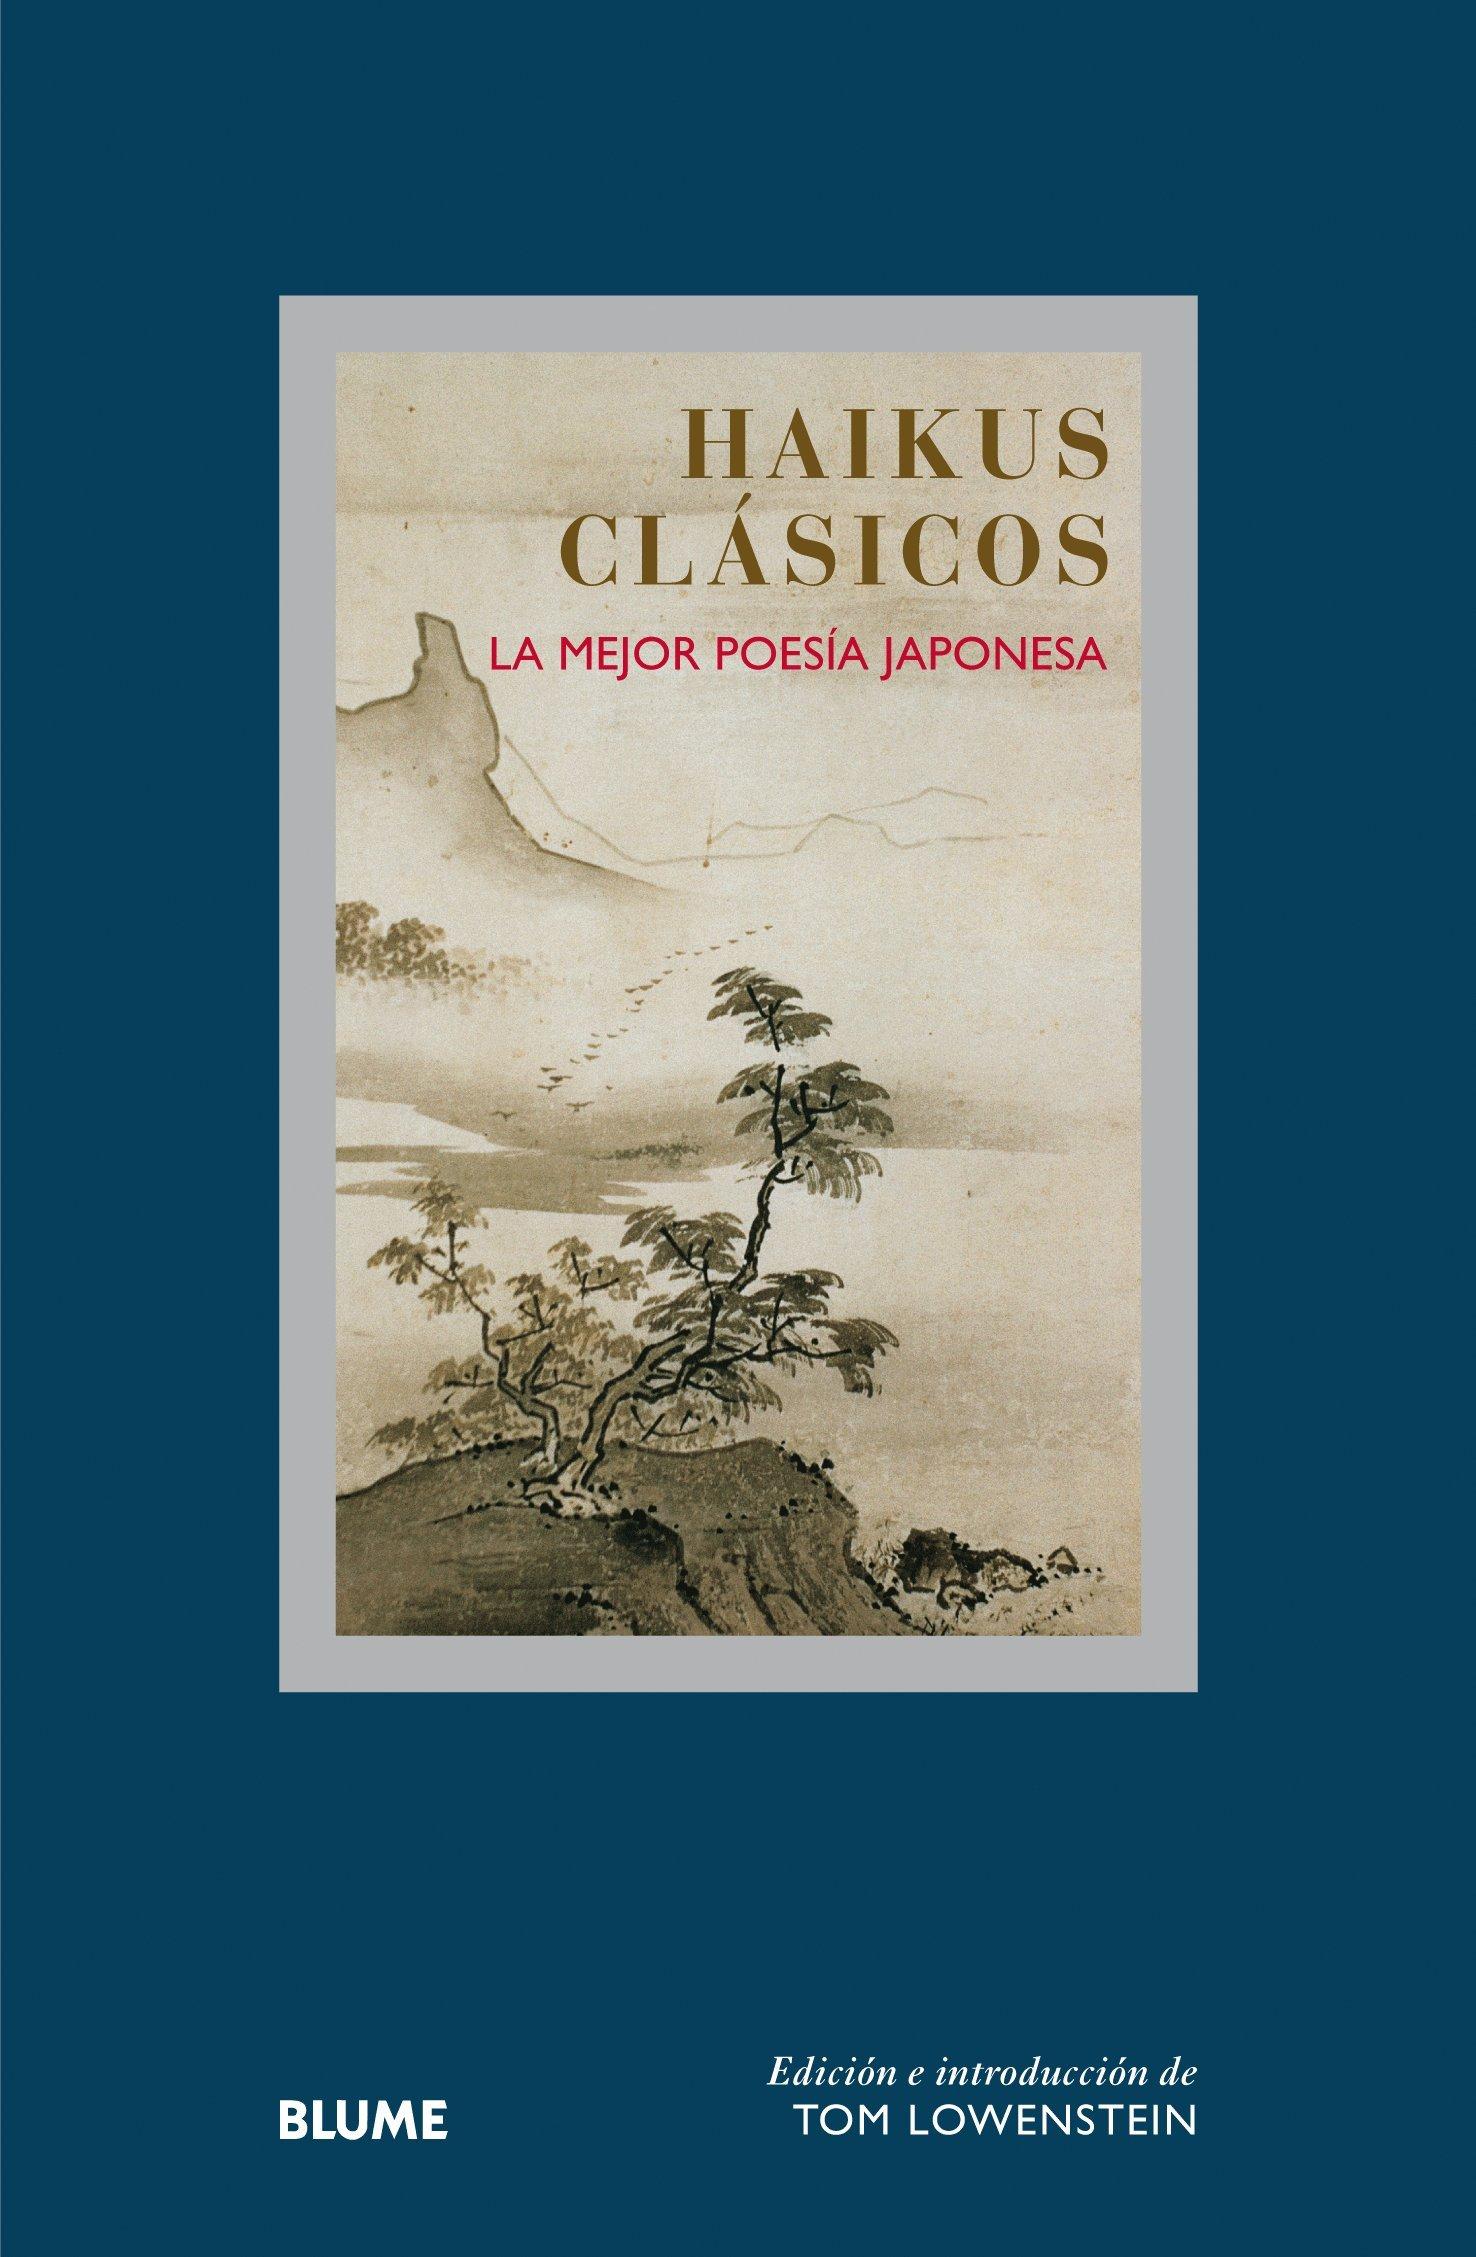 Haikus clásicos: La mejor poesía japonesa Col. Sabiduria: Amazon.es: Tom Lowenstein, John Cleare, Cristina Rodríguez Fischer, Miguel Portillo Díez, ...